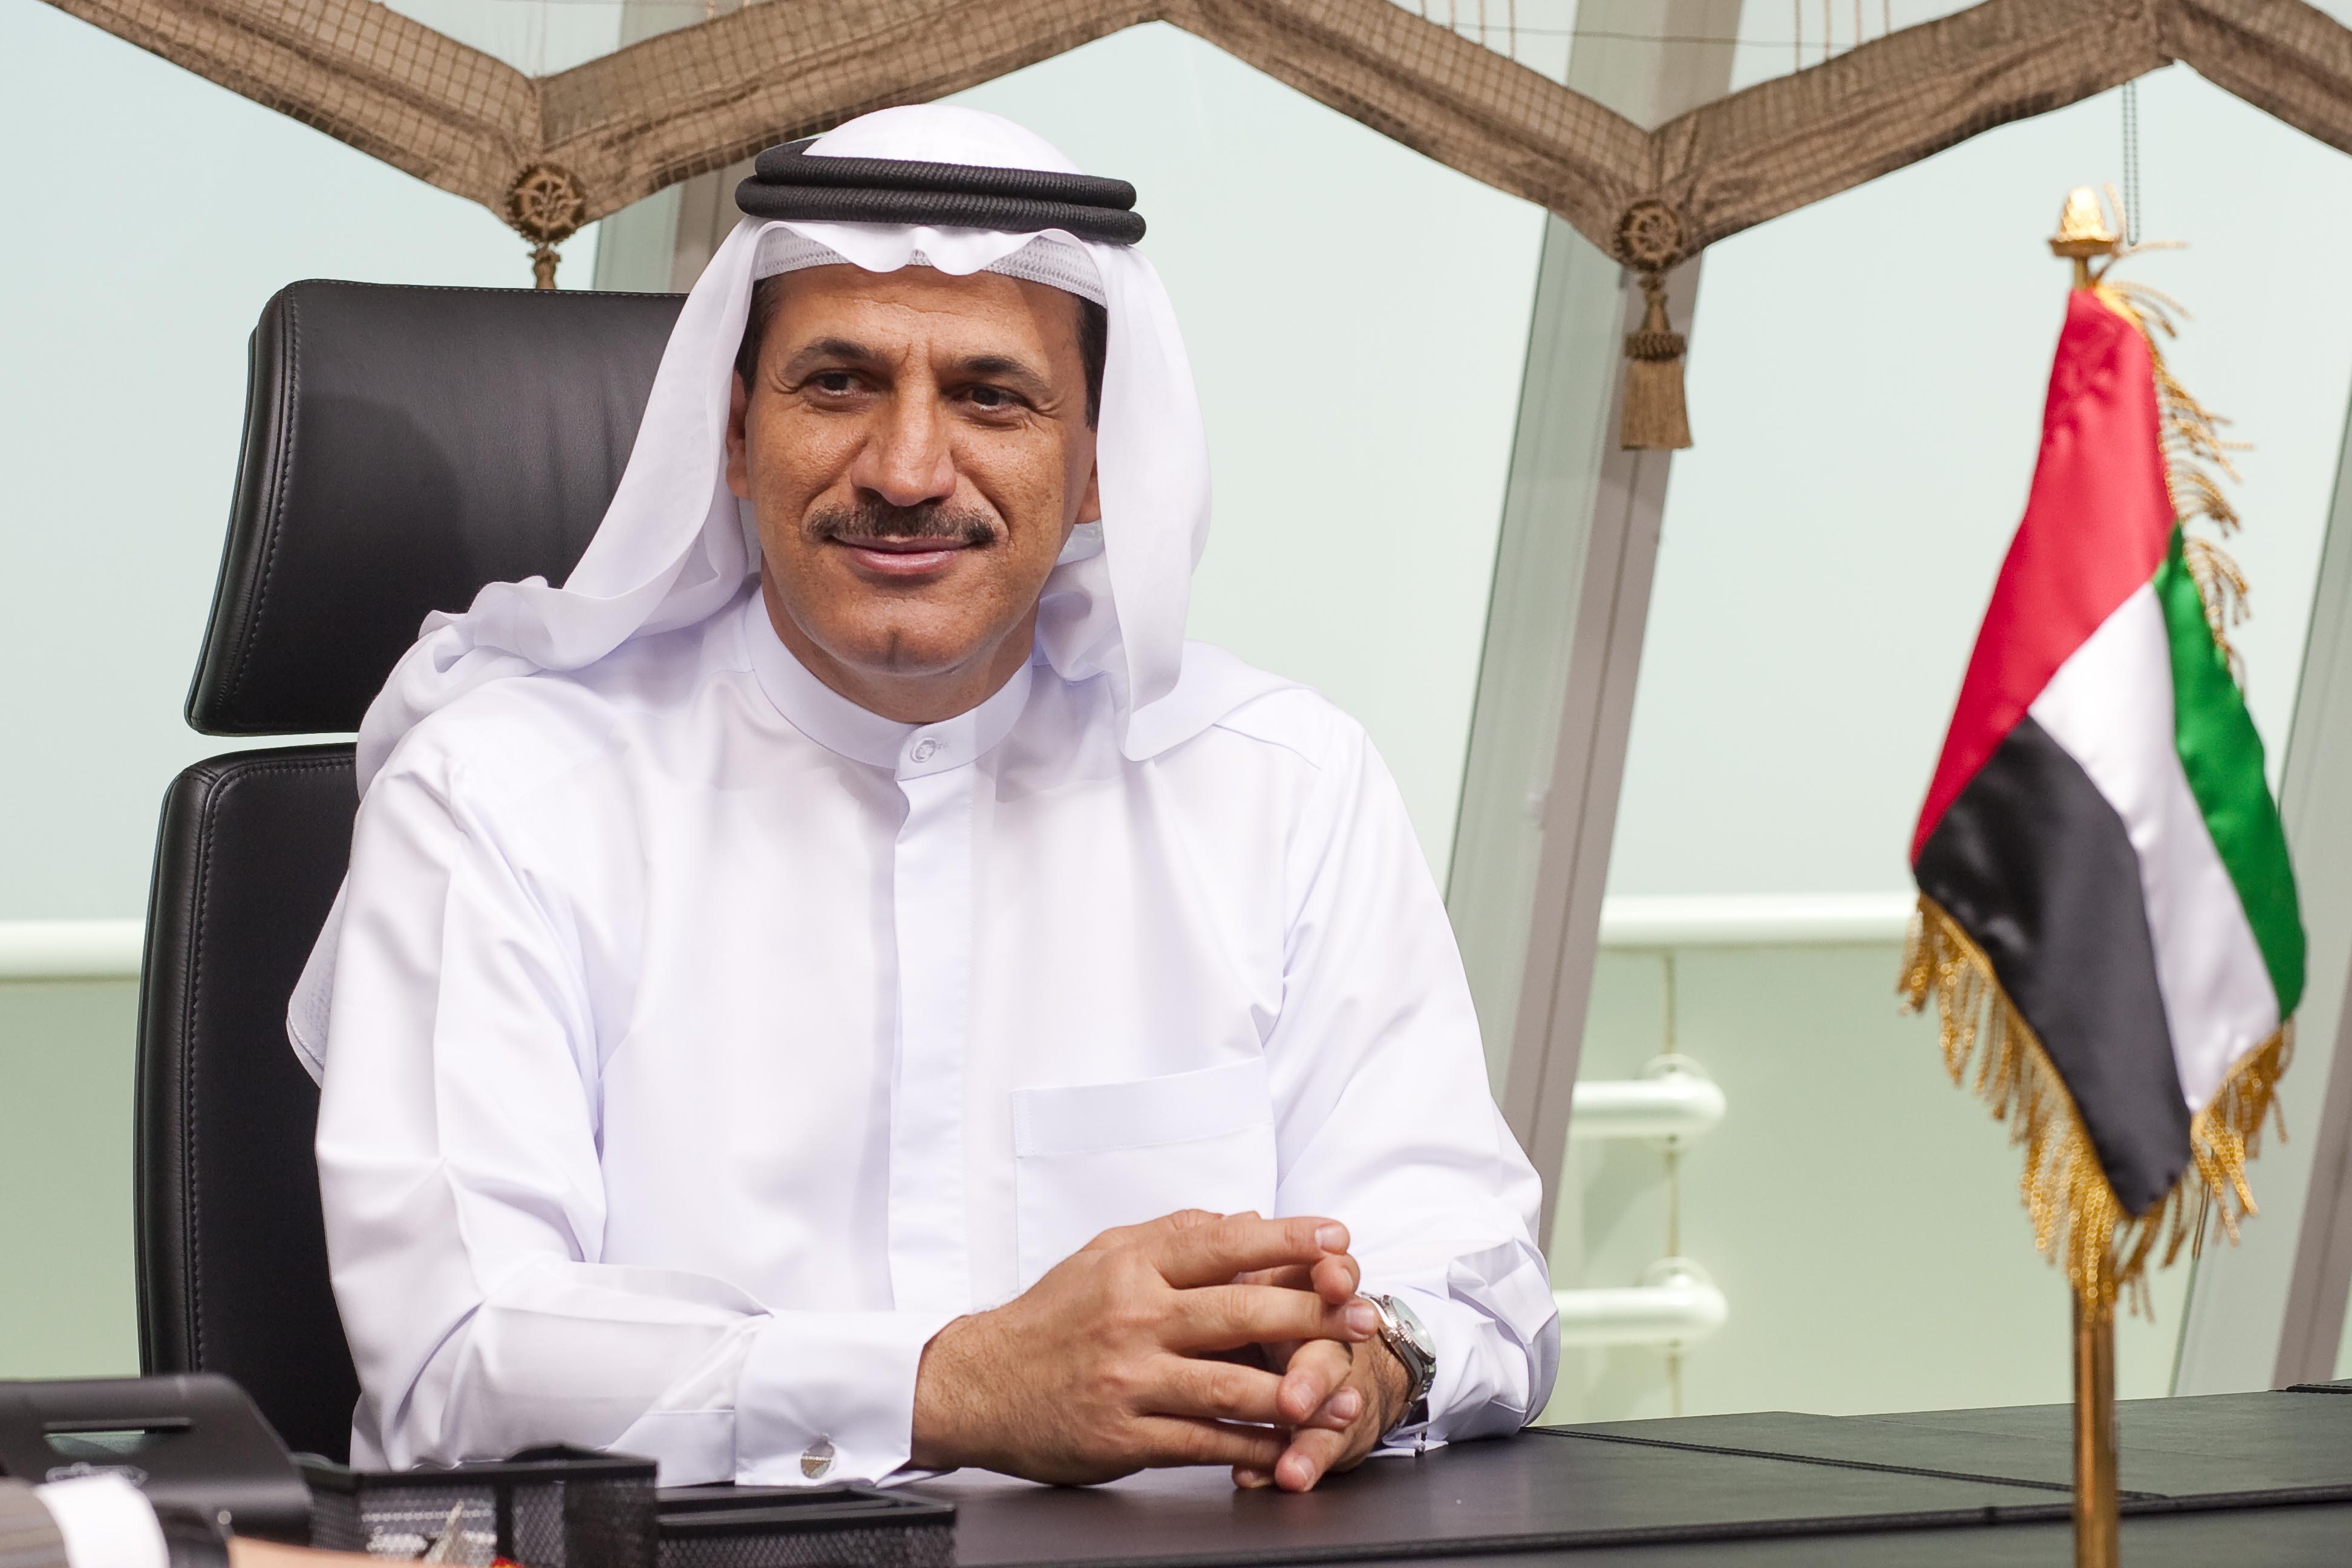 34 مليار ريال حجم التبادل التجاري بين قطر والإمارات